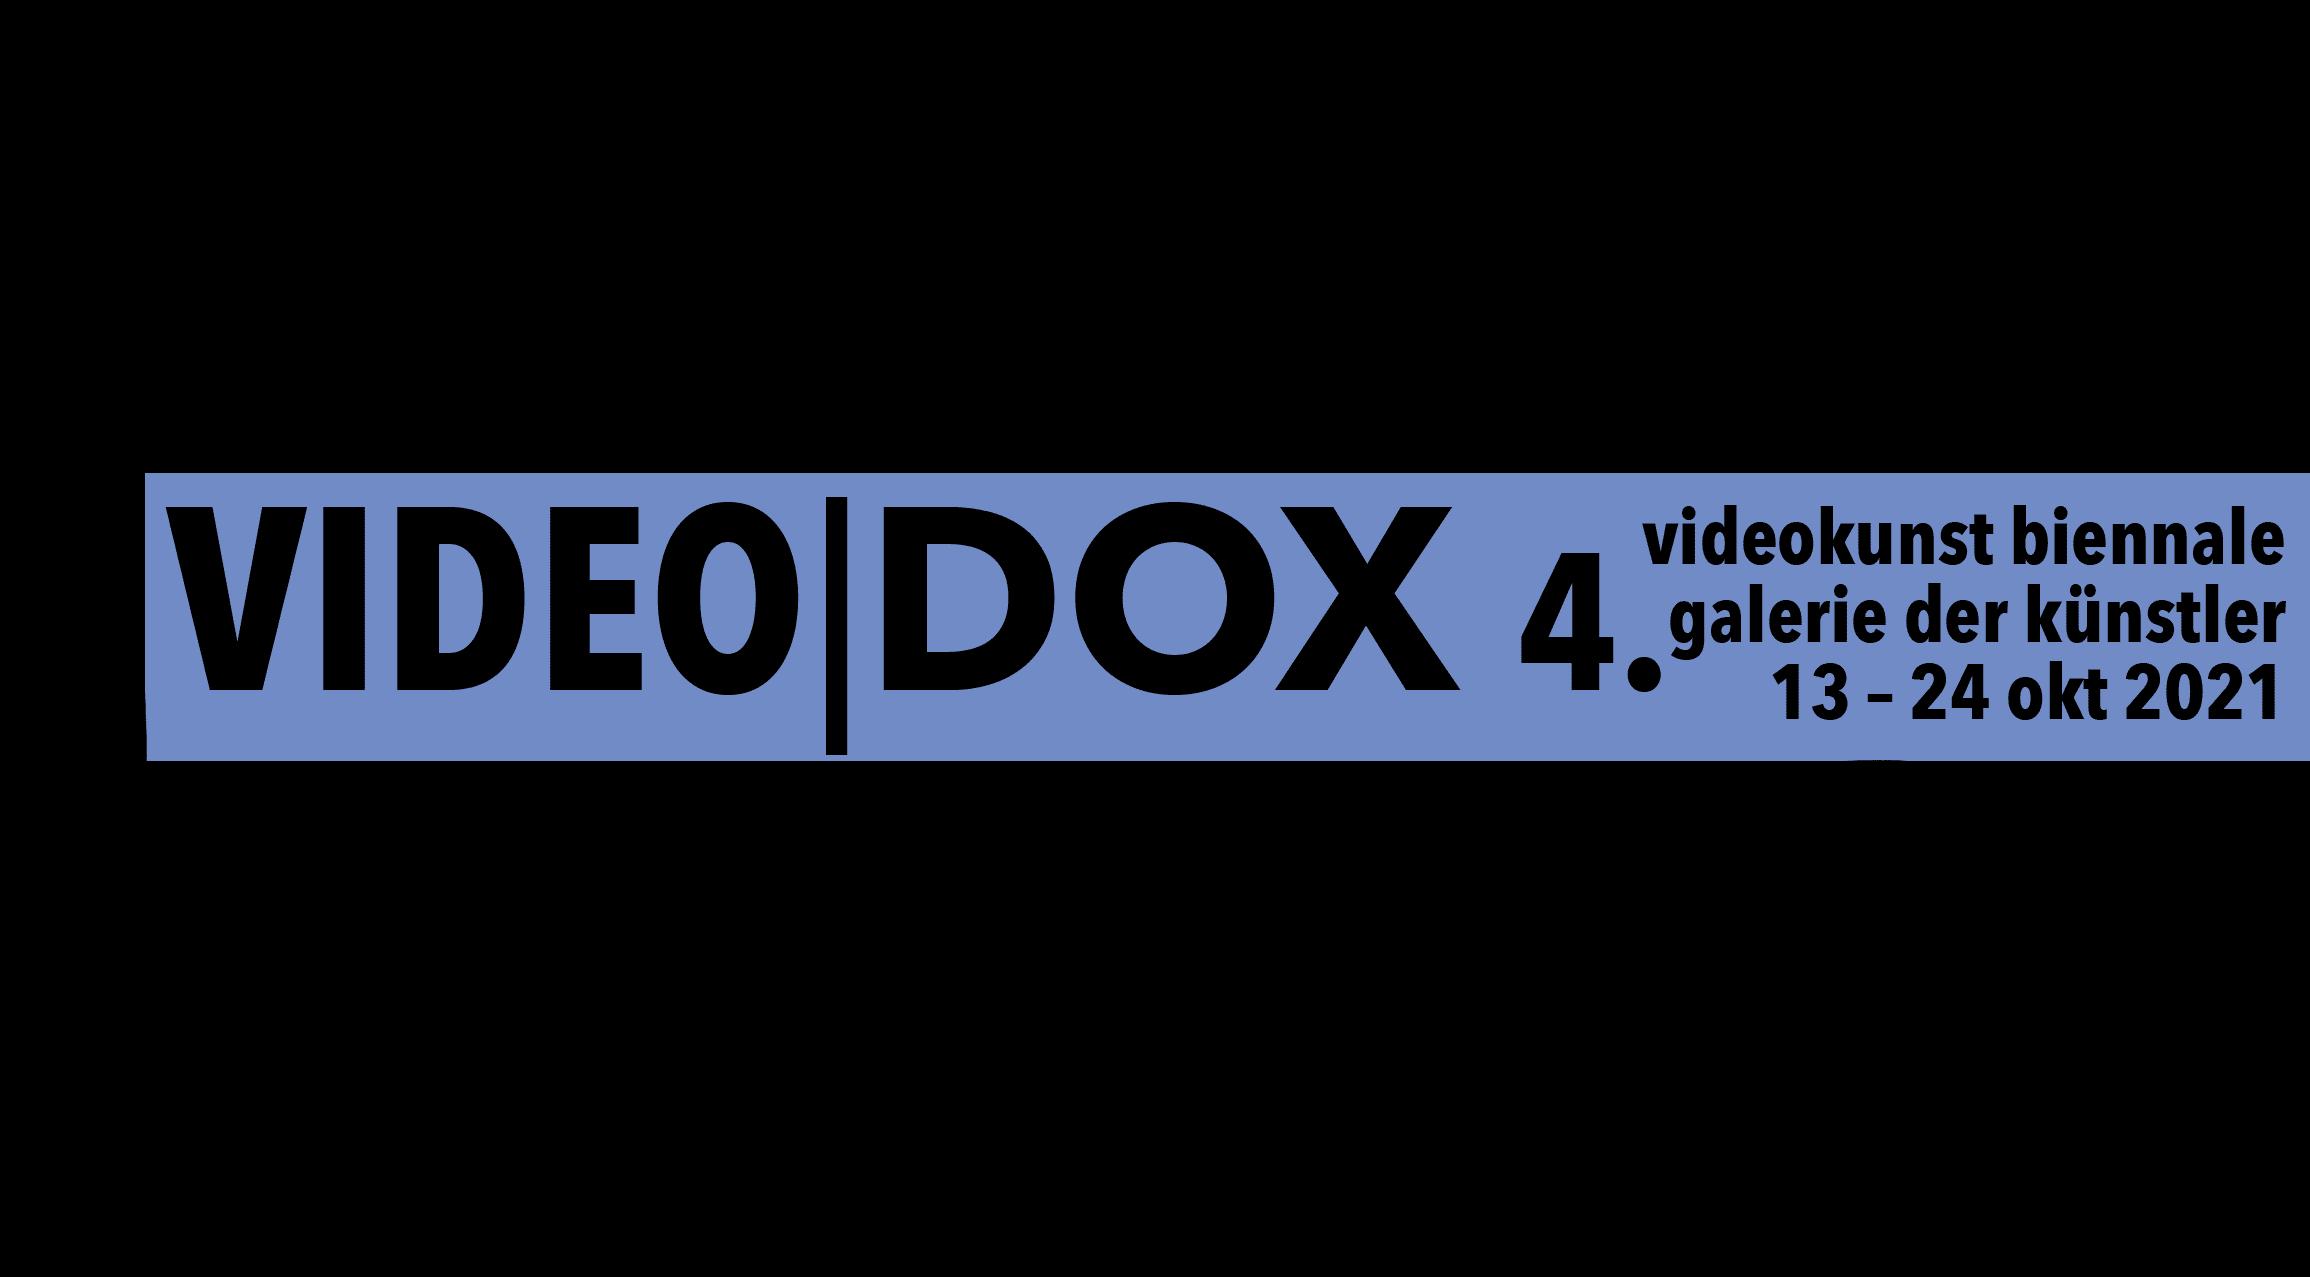 videodox